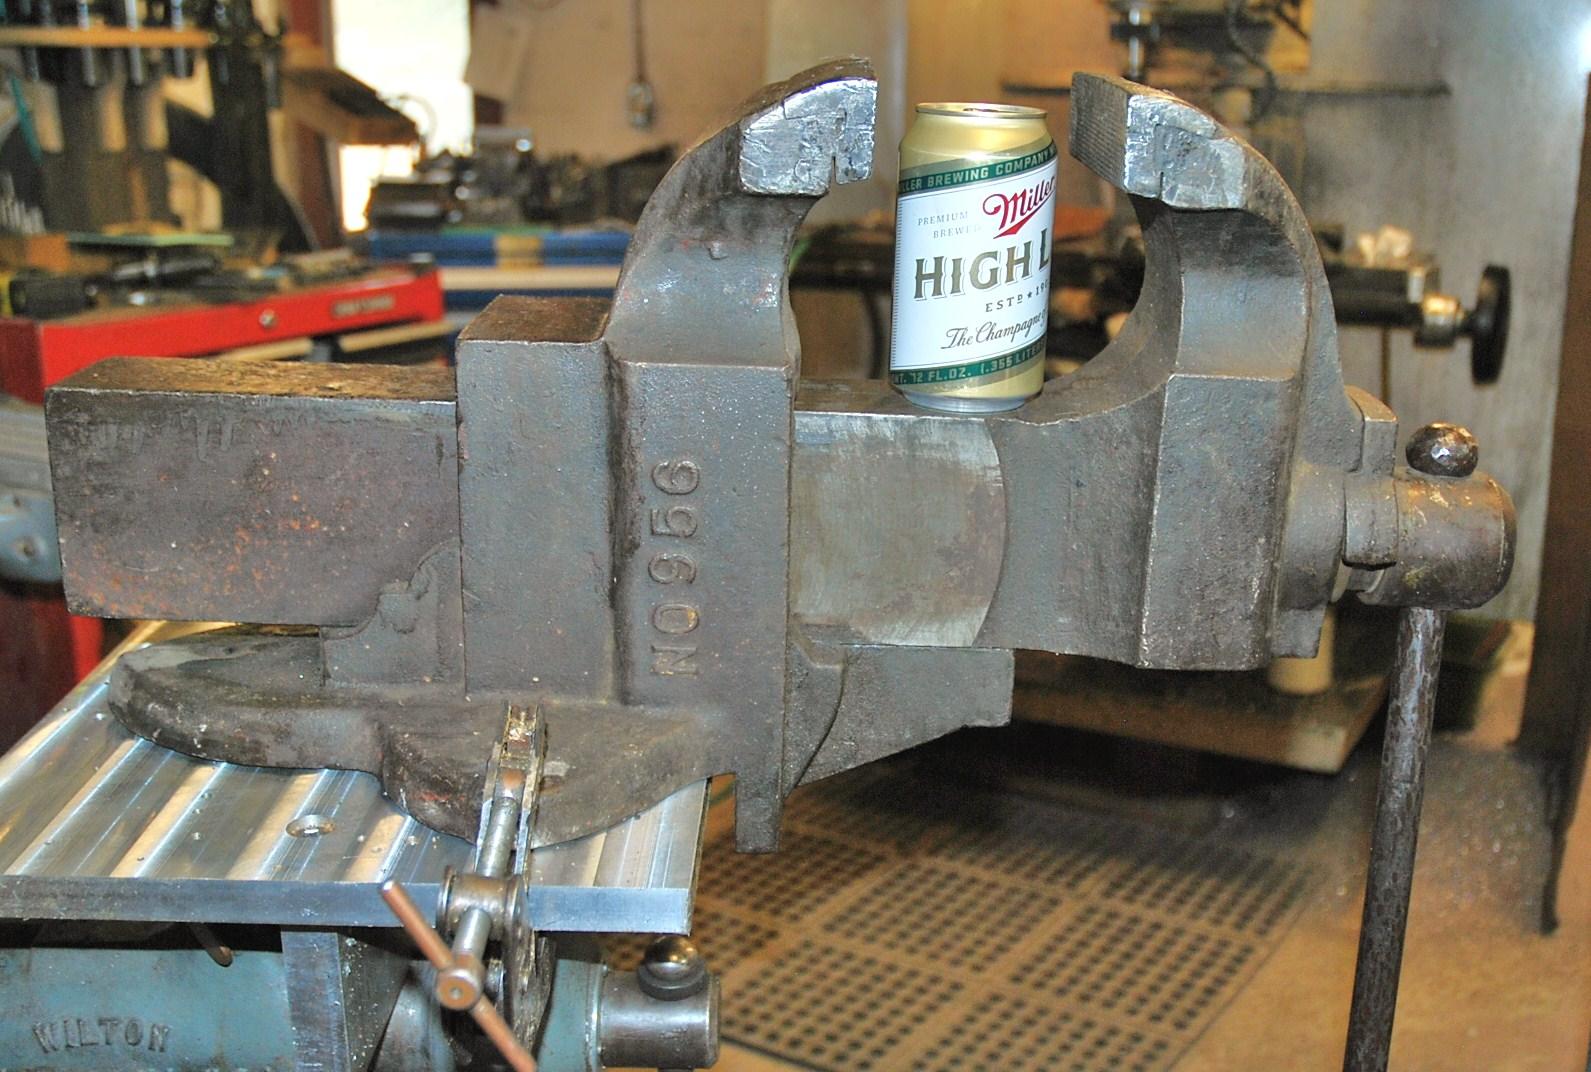 Wilton Vise Parts >> Wilton Bullet Vise Parts | Supporting old Wilton Bullet Vises with Quality Vise parts